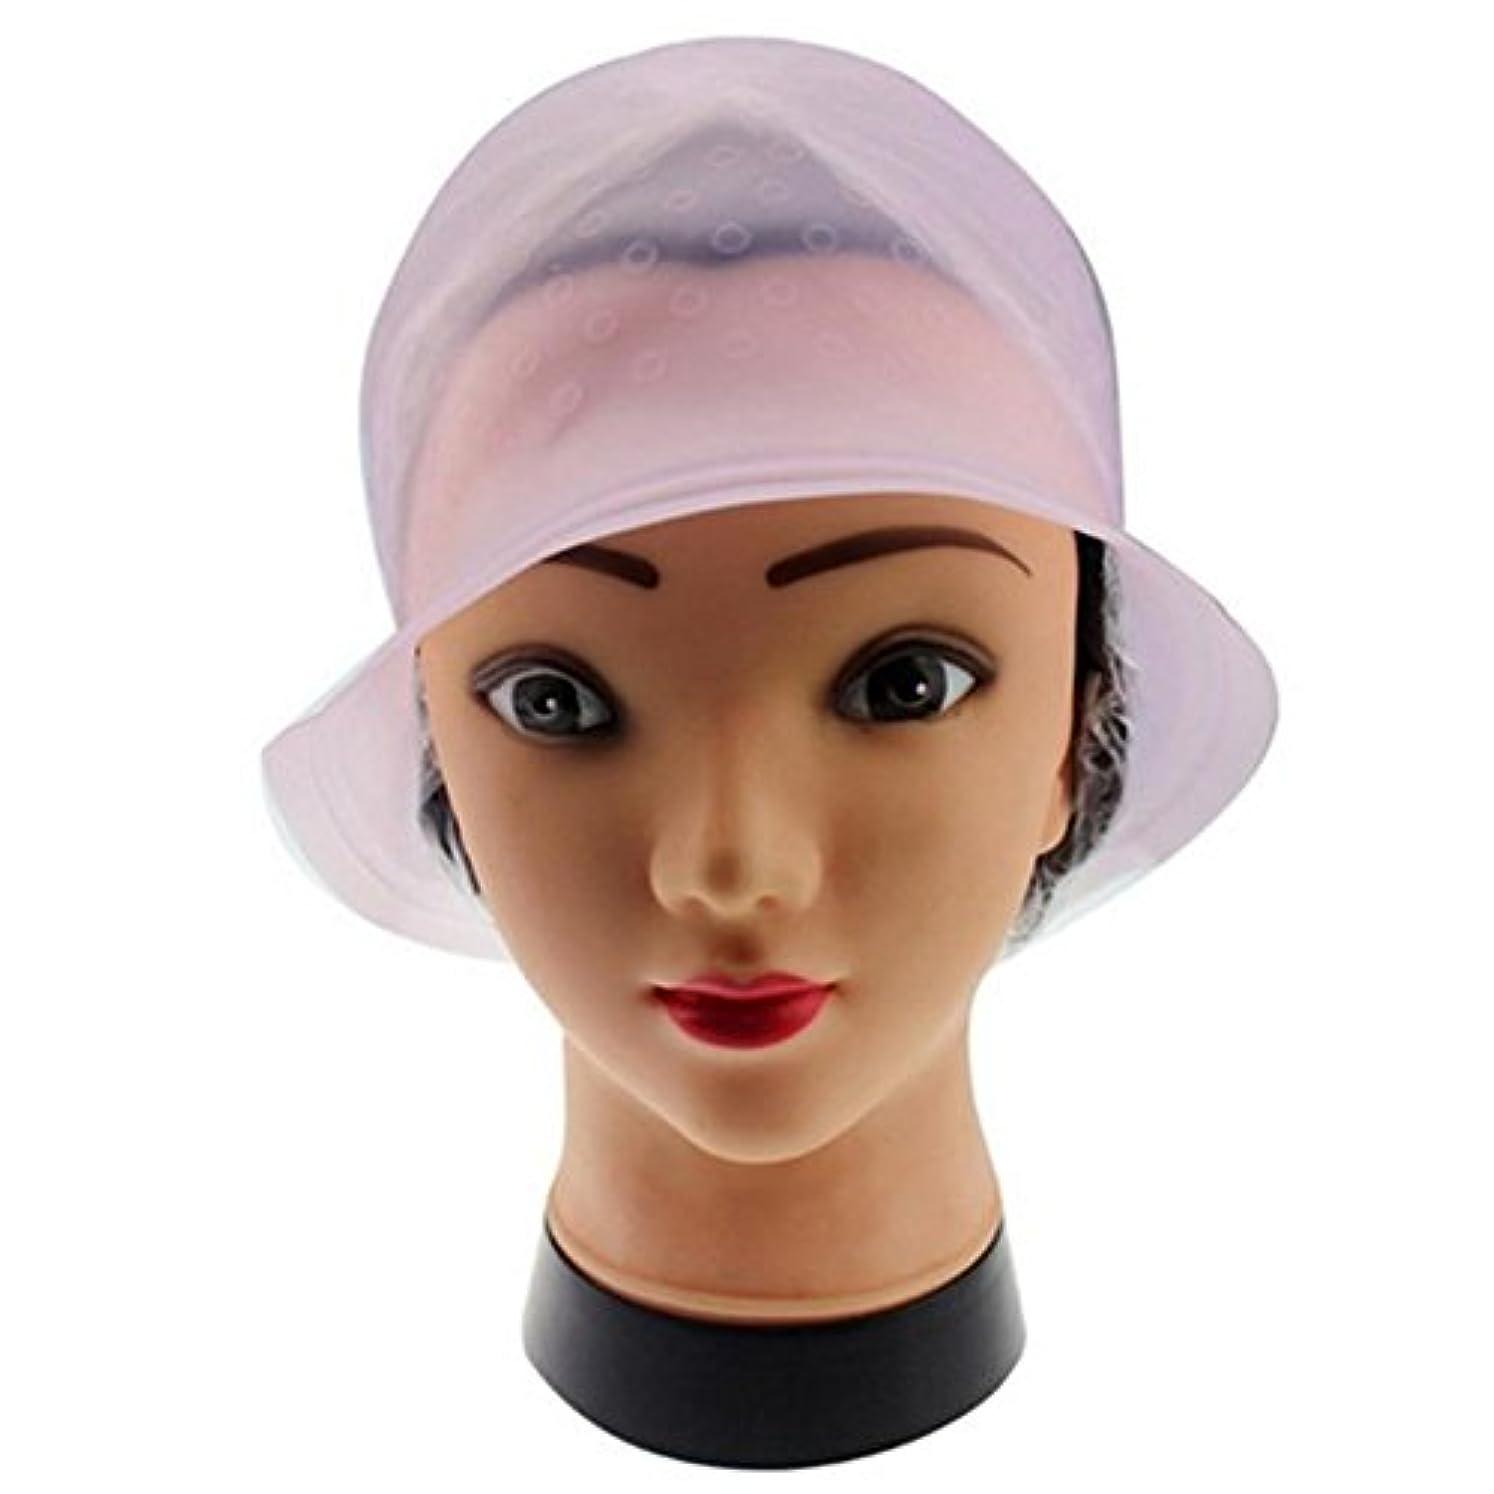 娘熟読するピンポイント染料フロスティングキャップ、再利用可能なシリコーンヘアカラーリングキャップ、髪を強調するキャップサロンヘアカラーリング染料キャップヘアスタイリングツール髪を染めるための針(紫の)